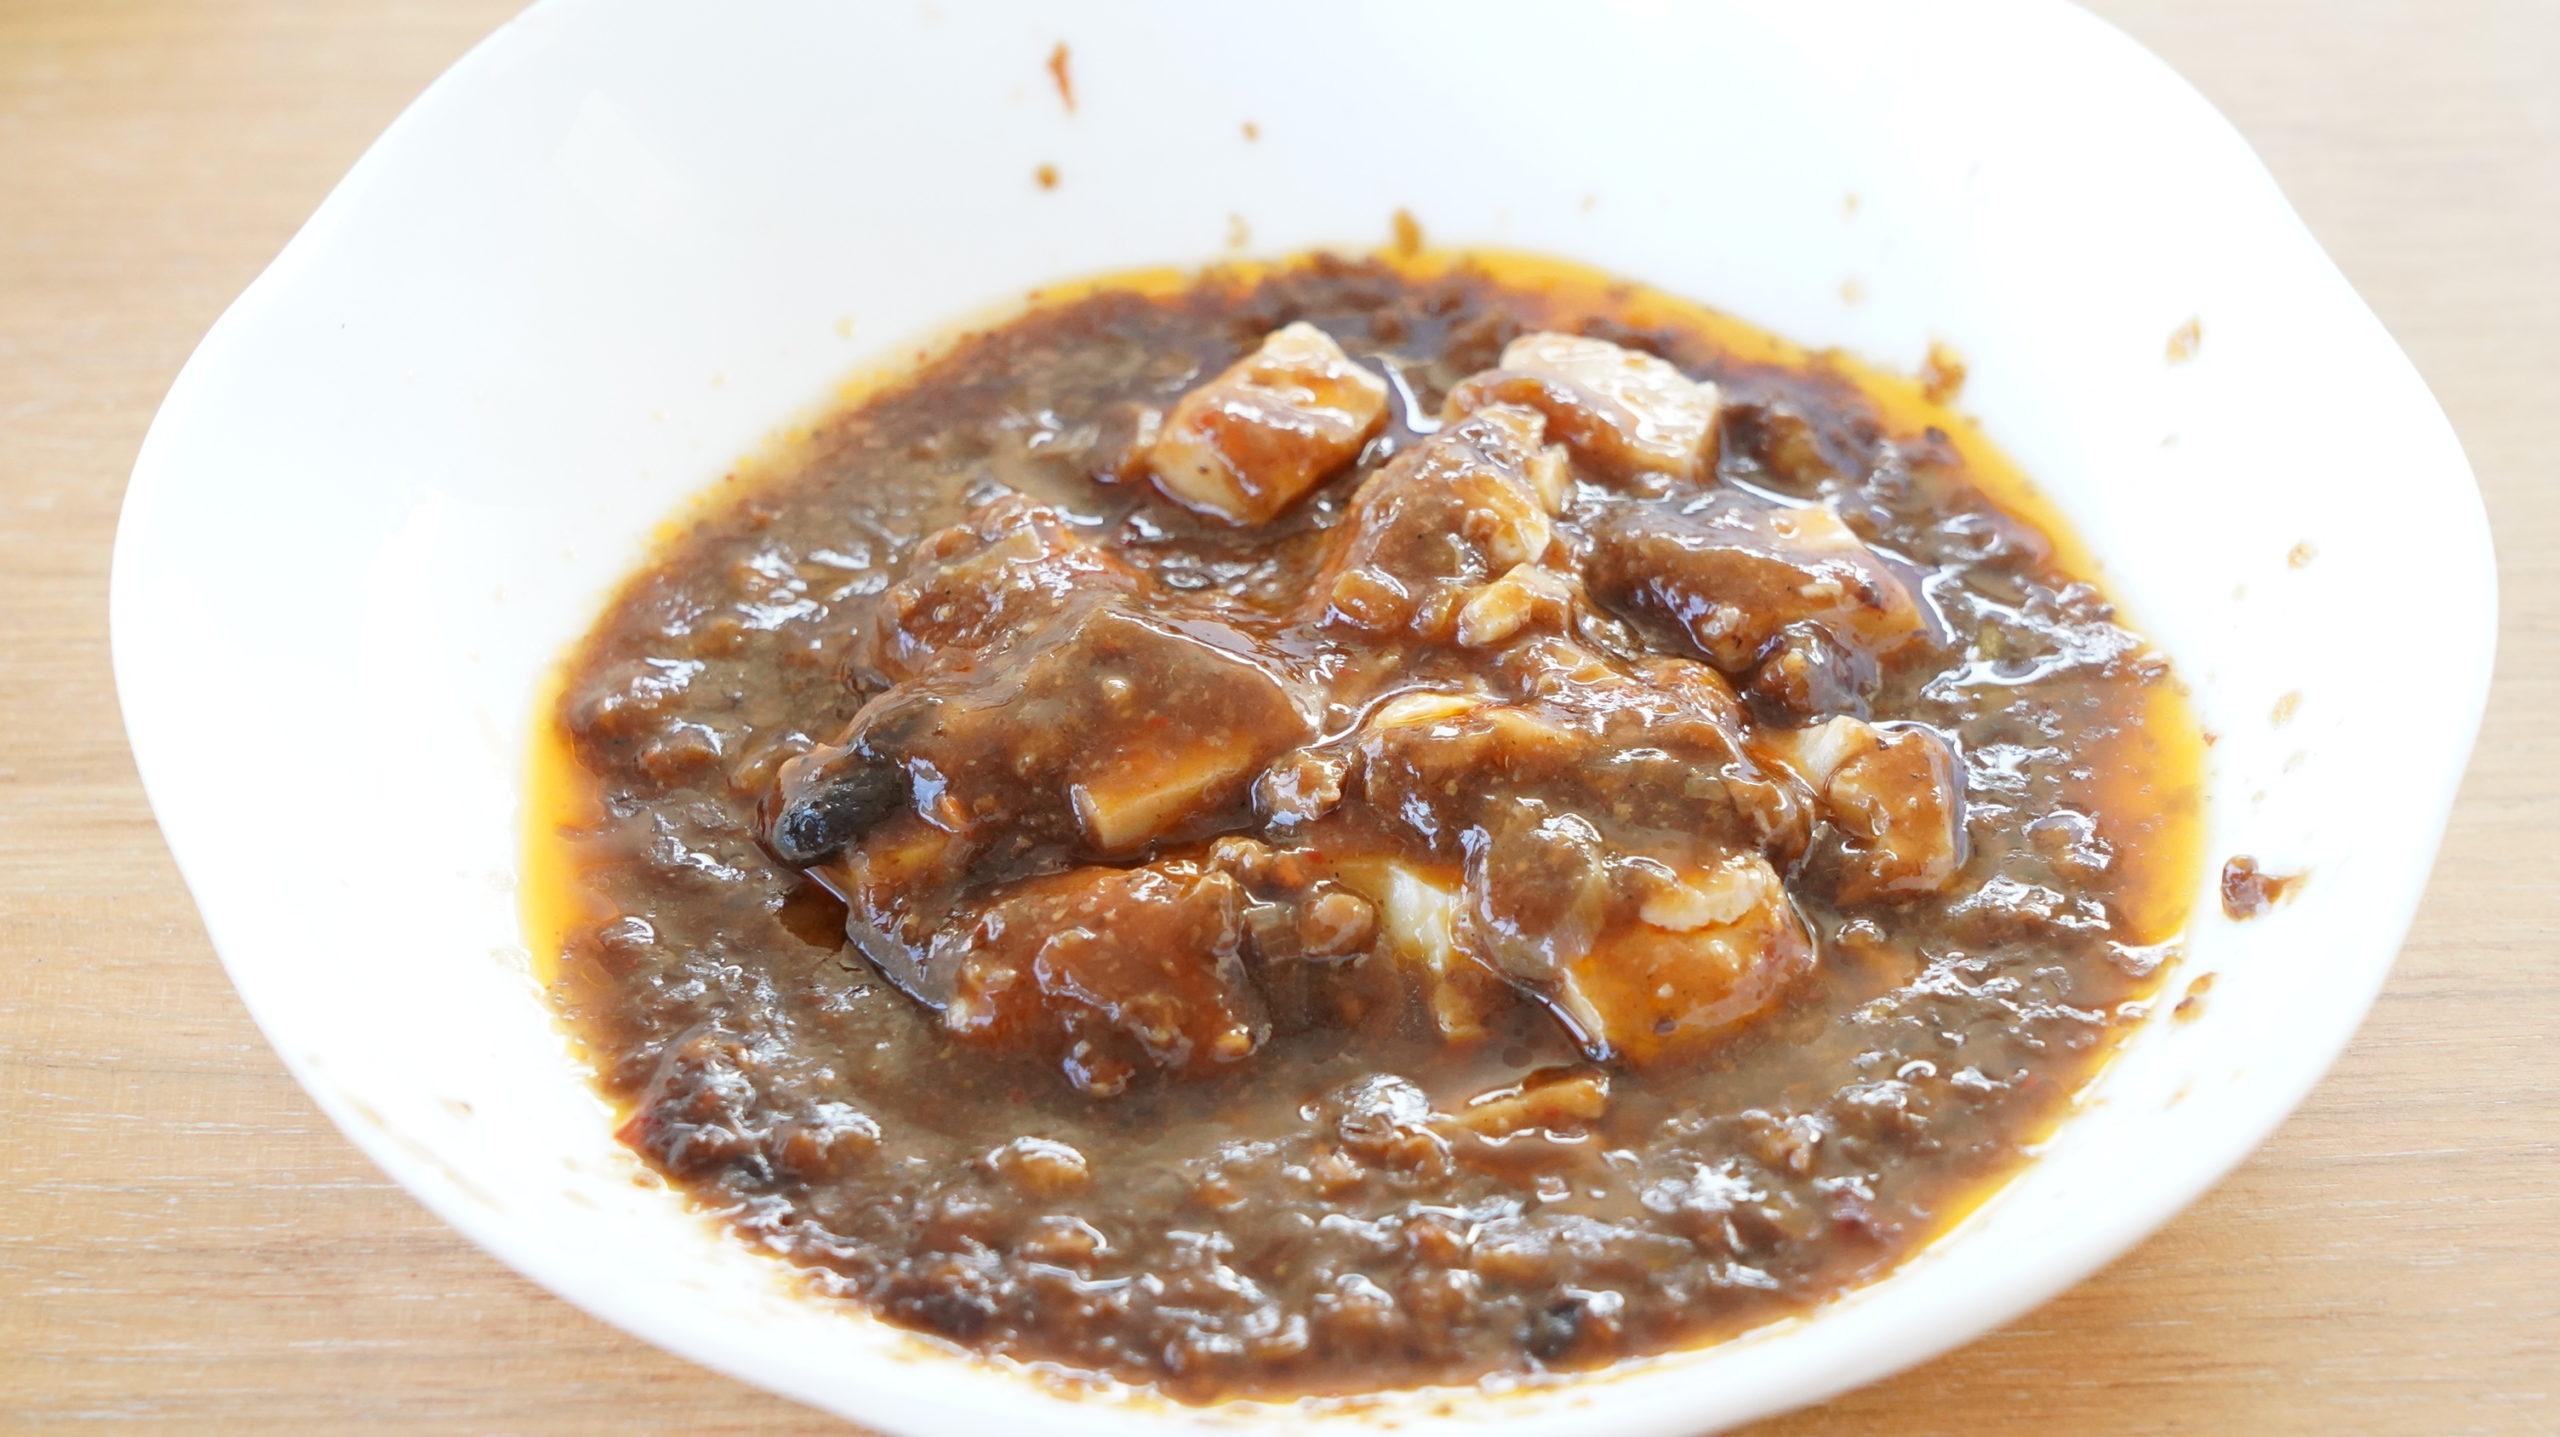 ローソンの冷凍食品「四川風麻婆豆腐」を皿に盛った写真